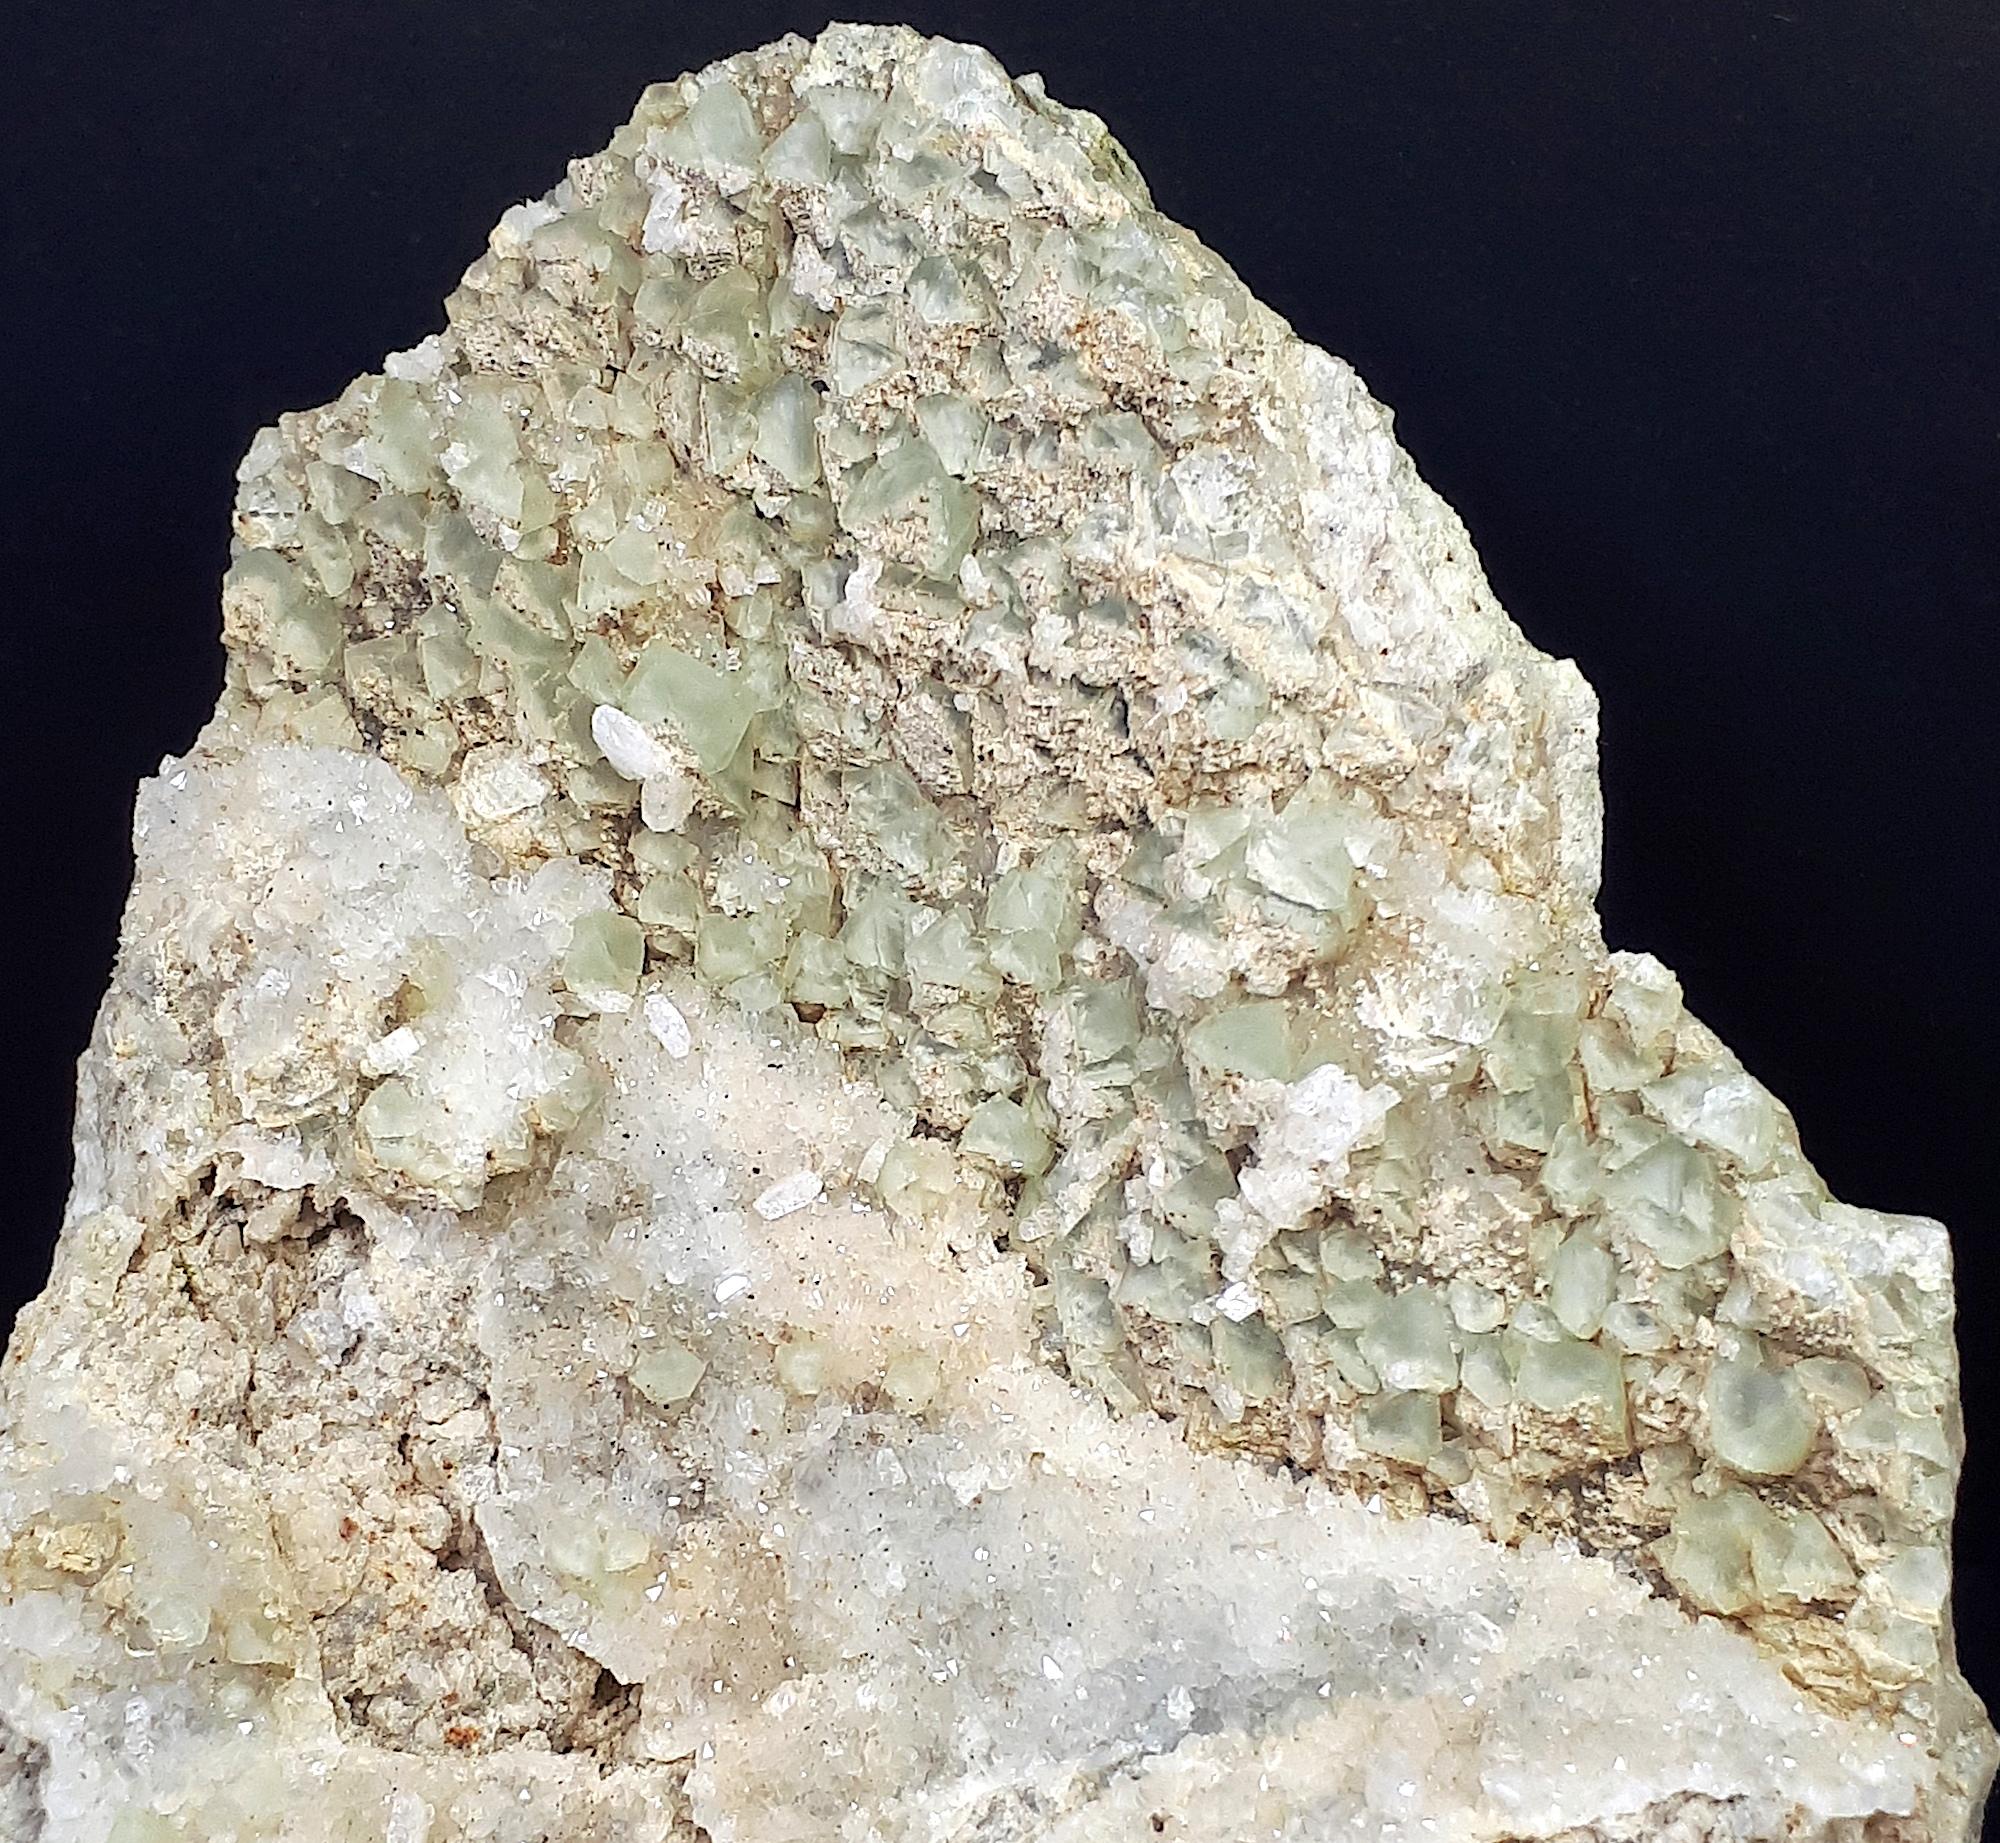 minerali alpini, particolare fluorite quarzo heulandite - dimensioni campione 8x7x6 cm